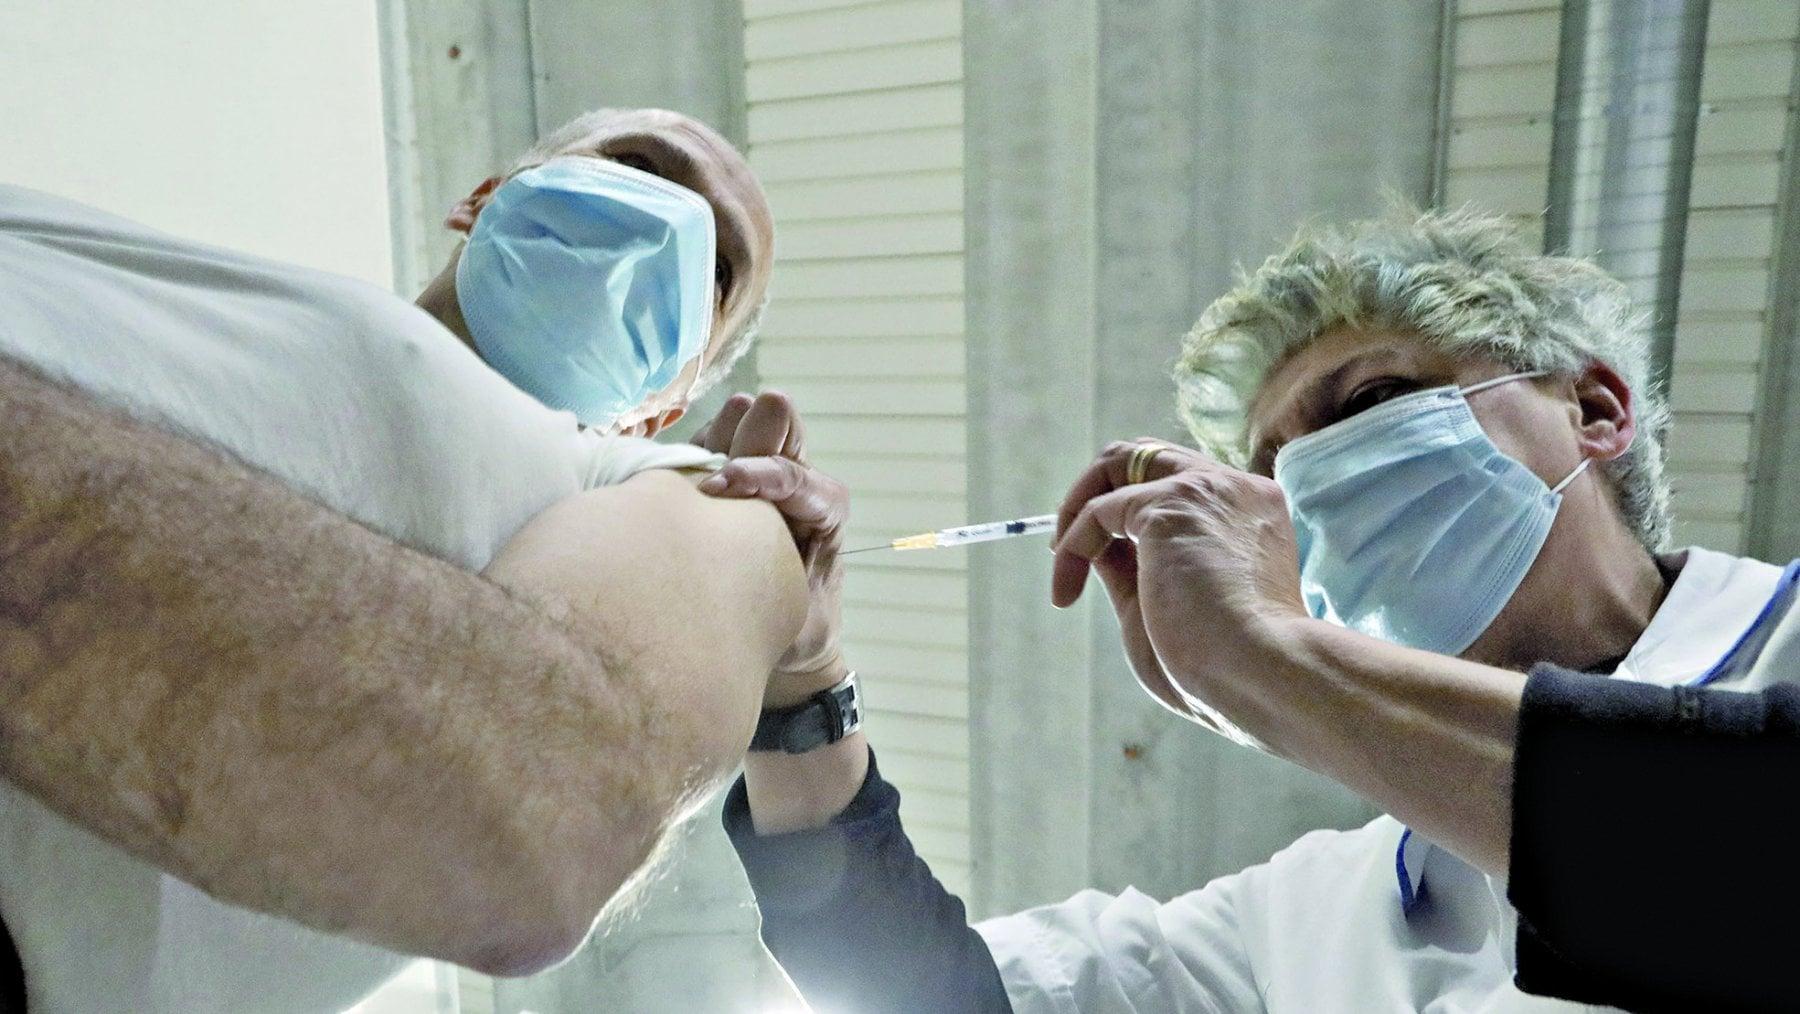 224052211 aec0b2b8 31eb 4fd5 974c 47a062e7e20e - Arriva il terzo vaccino. E i medici si dividono sui tempi del richiamo